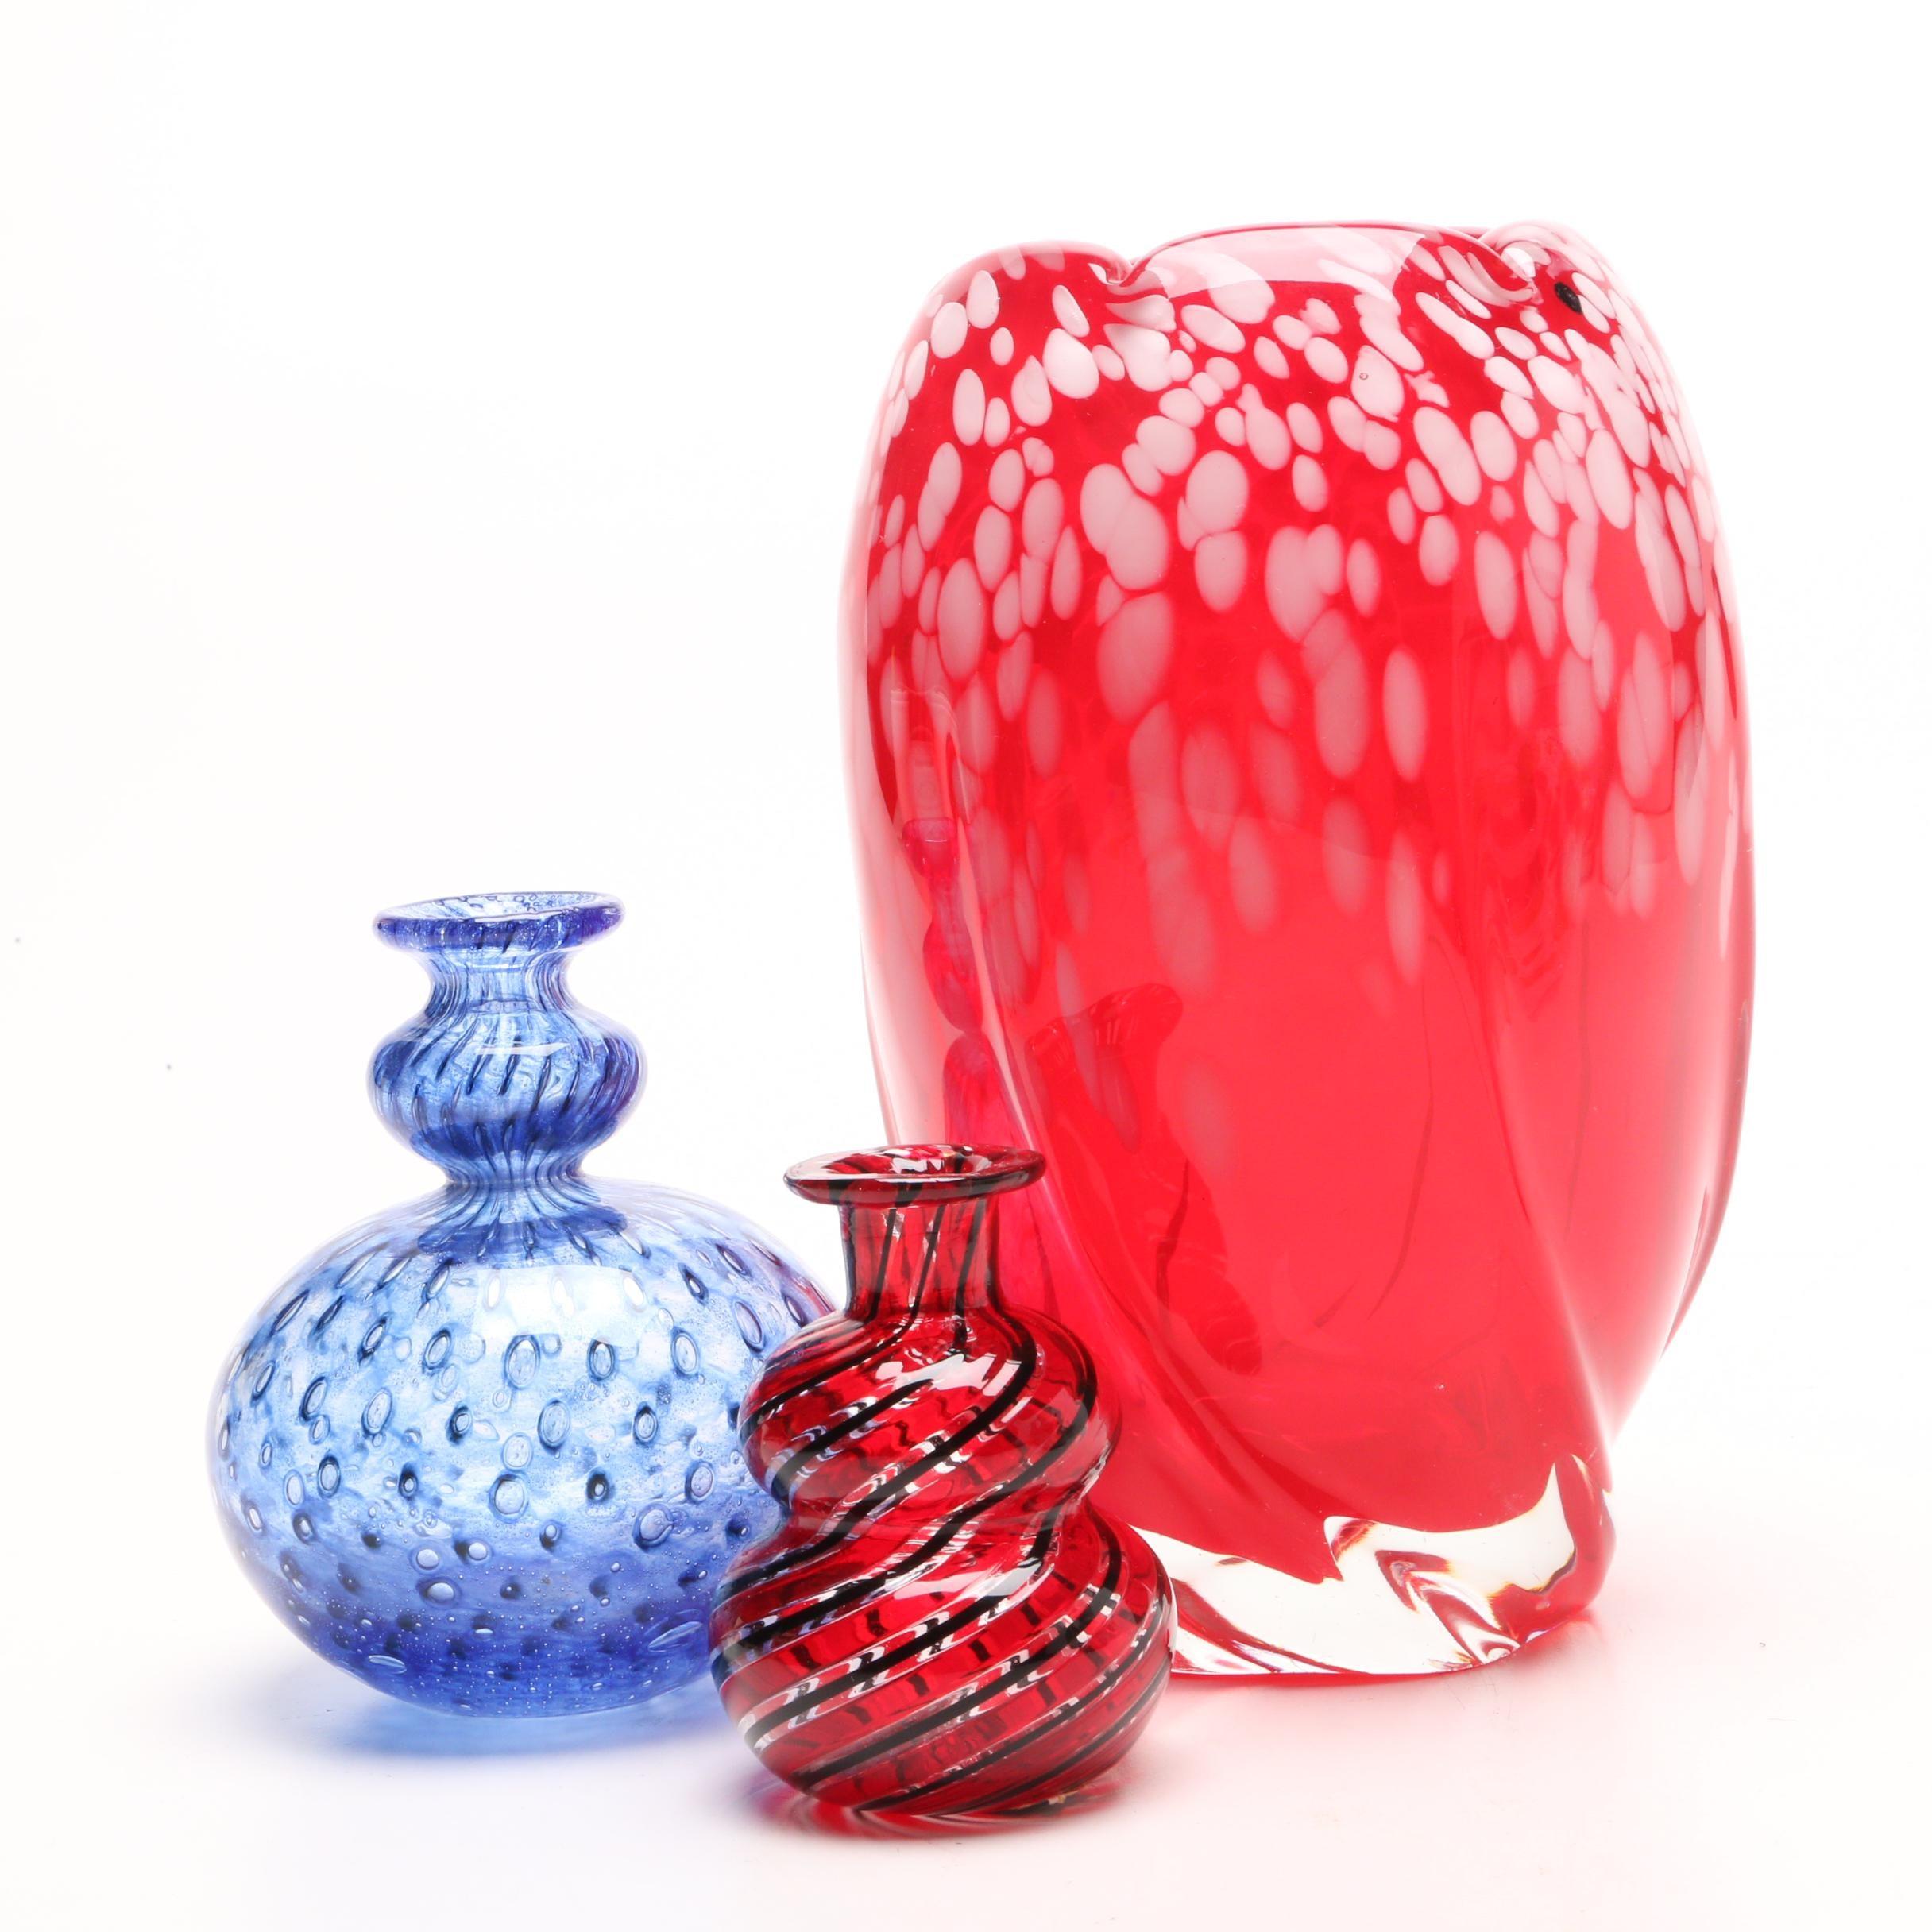 Japanese Dolphin Glass Vase, Signed Bertil Vallien Kosta Boda Vase and Murano